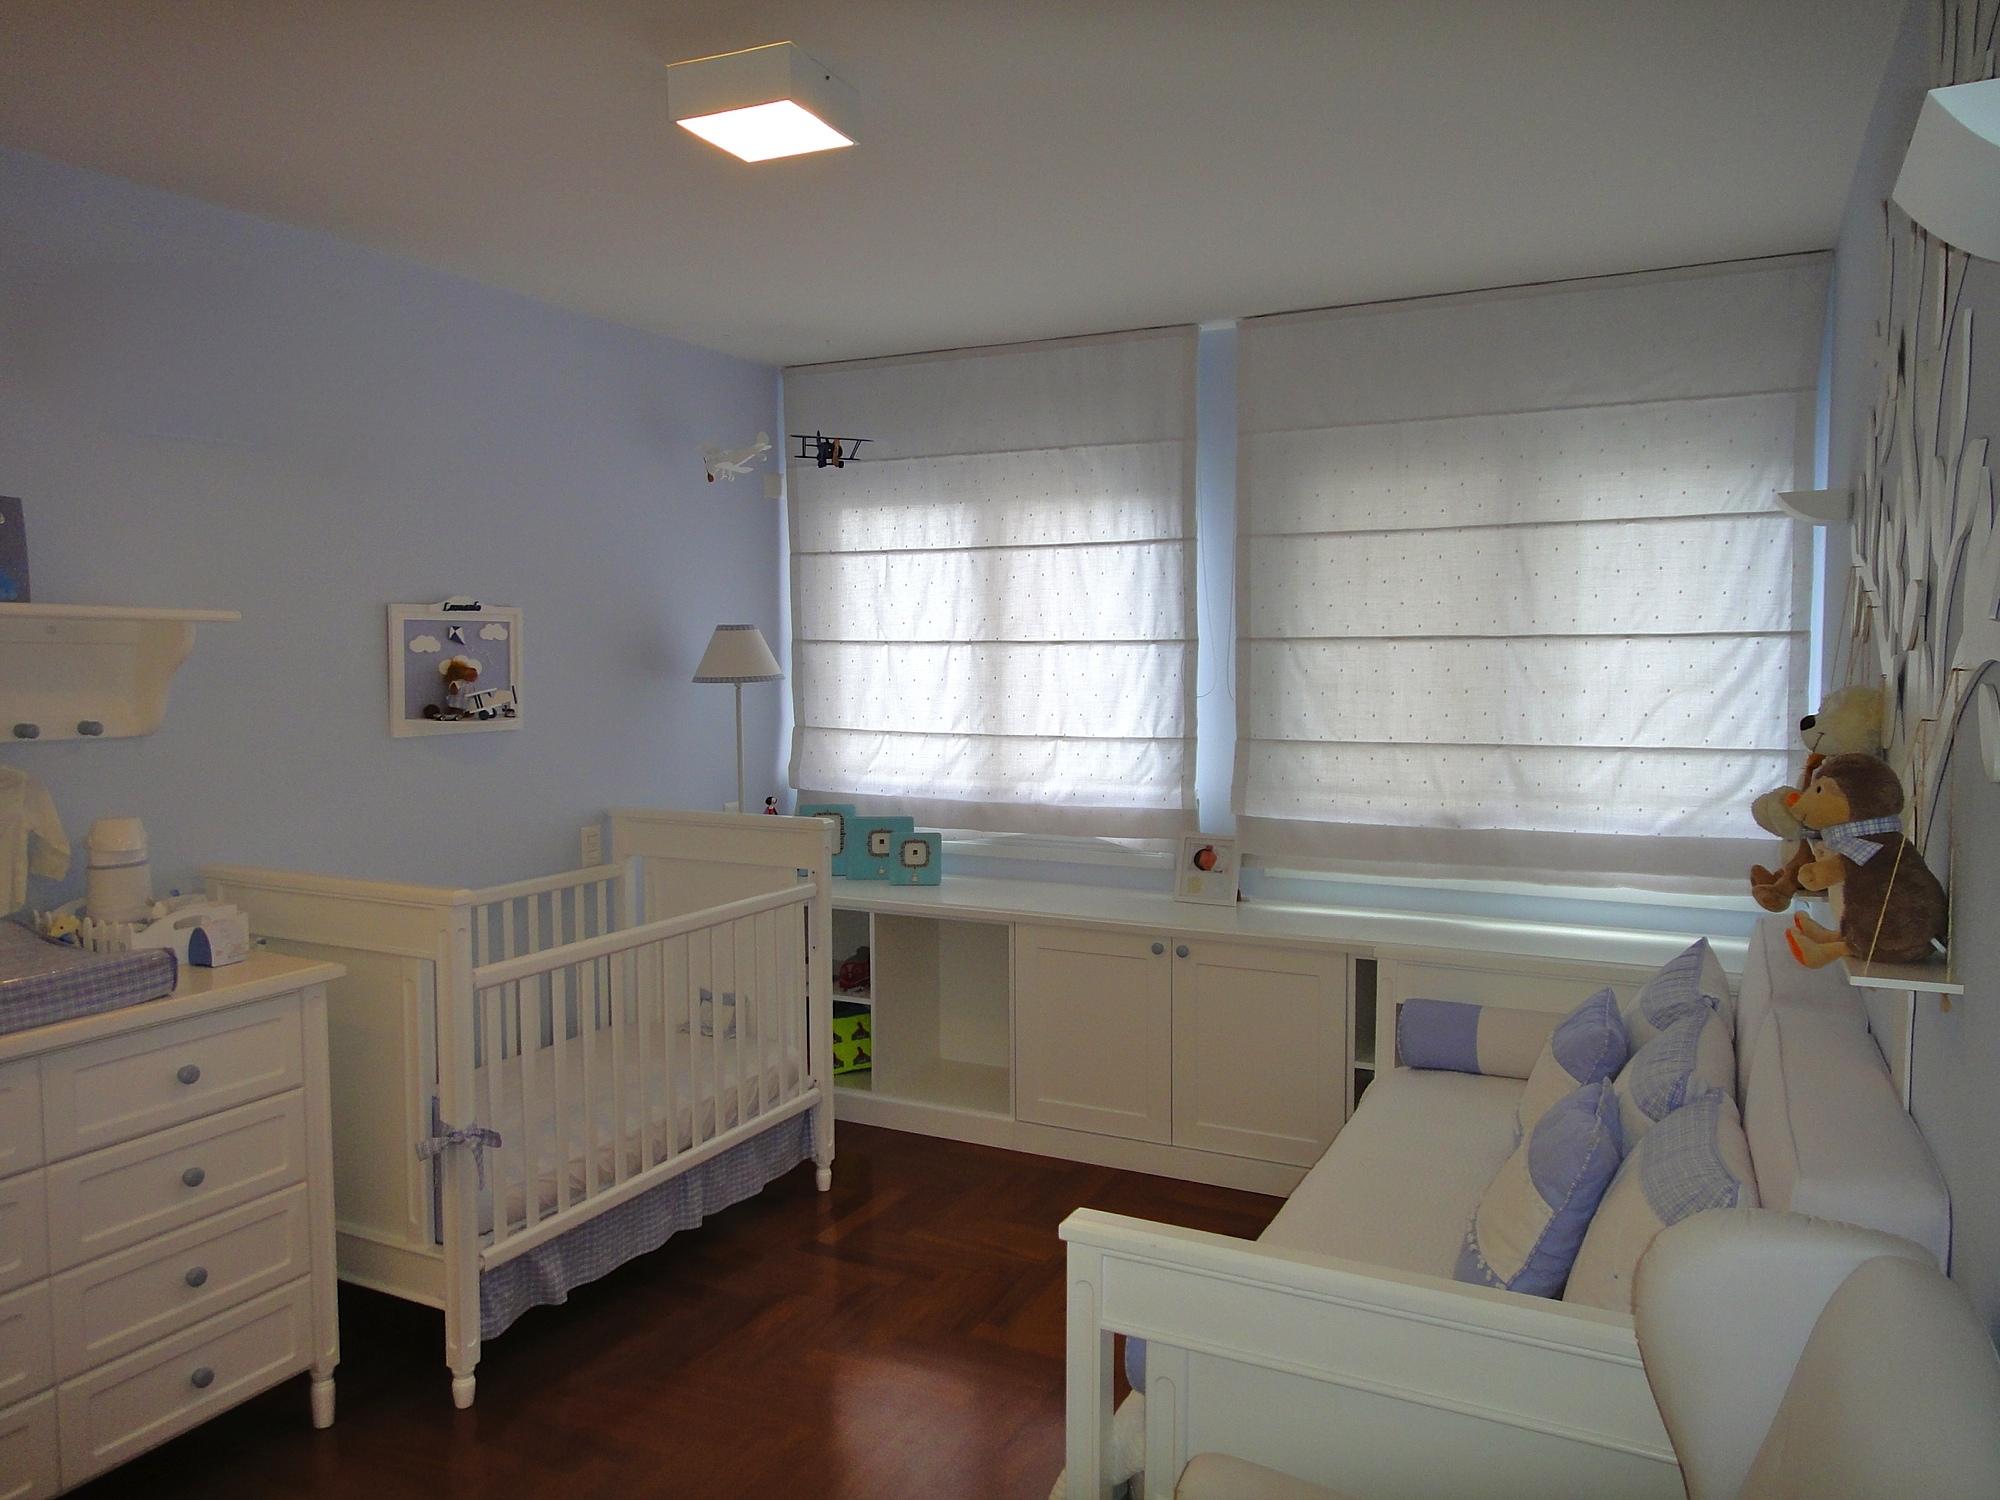 Dicas De Decora O Para O Quarto De Beb Blog Da Propriet Riodireto ~ Decoracoes De Quarto De Bebe E Organizar Quarto Pequeno